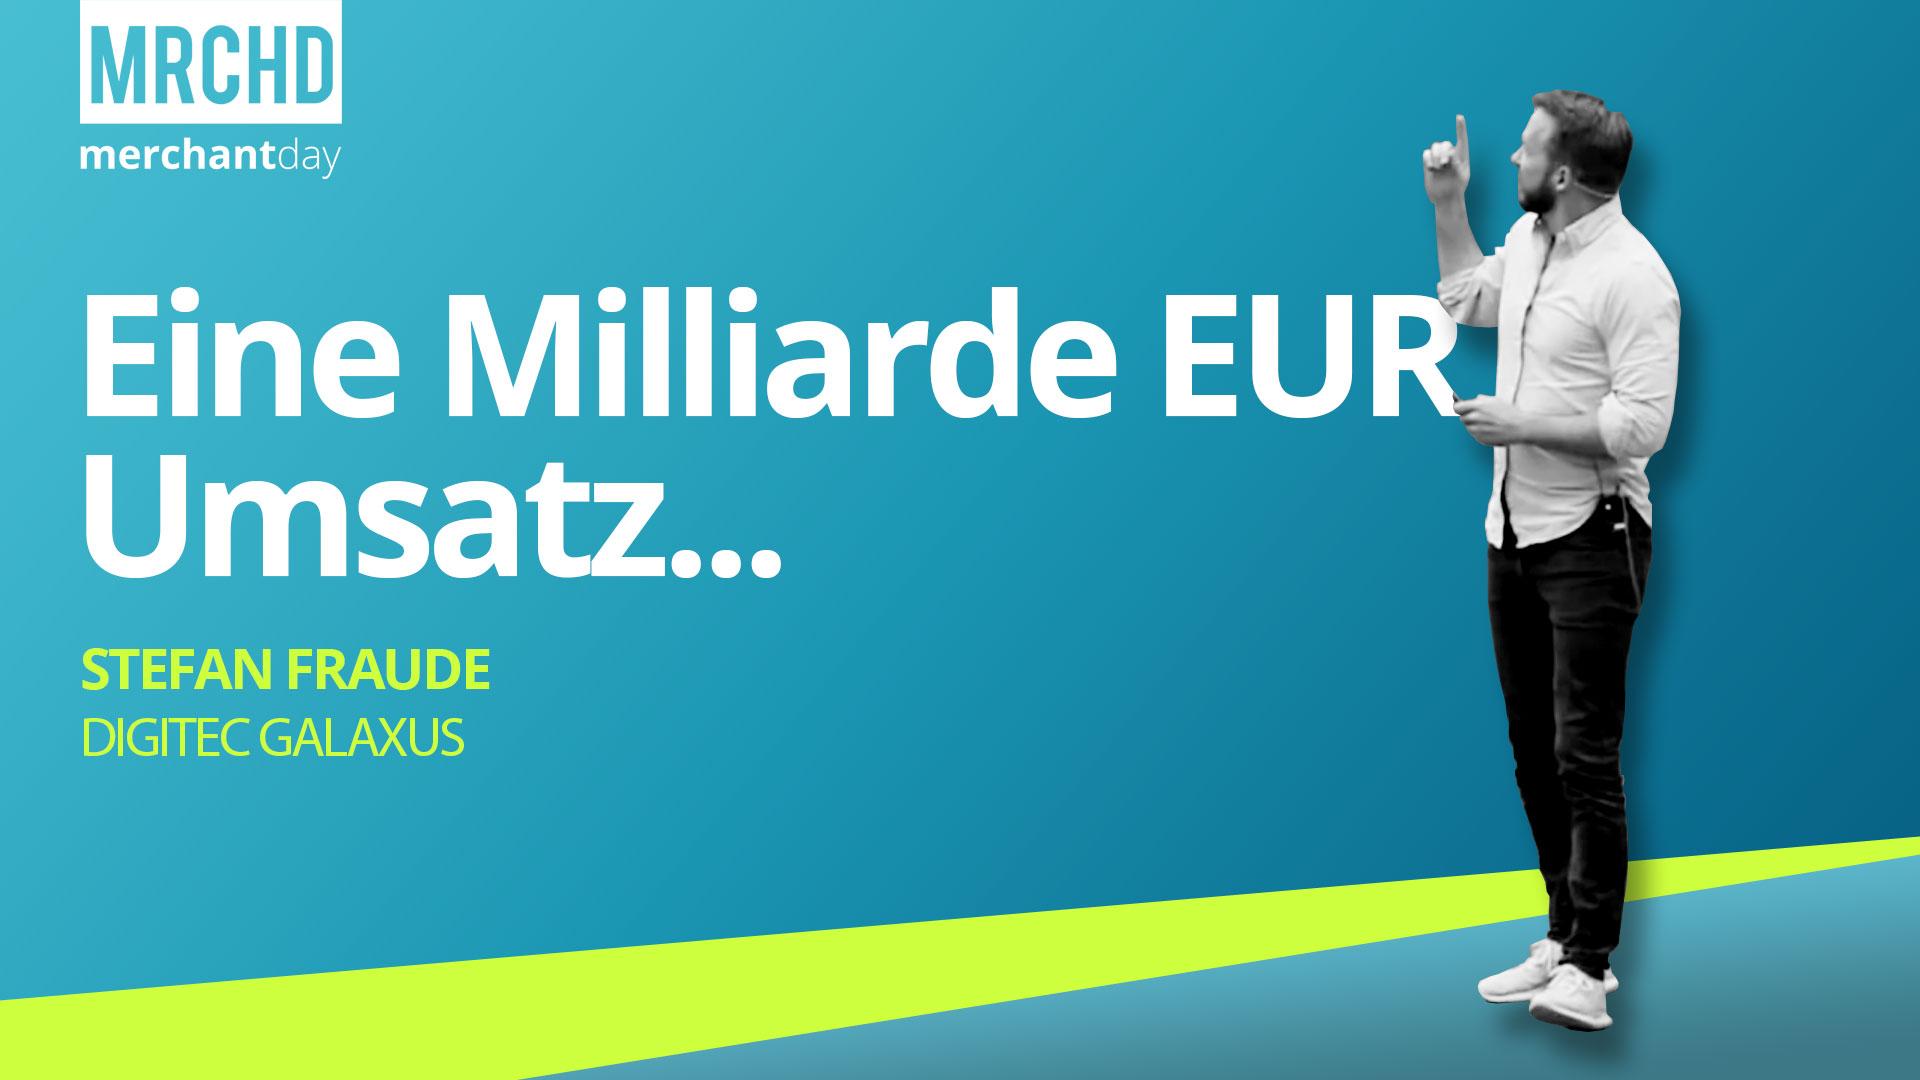 merchantday-Konferenz-2019-Stefan-Fraude-Digitec-Galaxus-Marketplace-Schweiz-1-Milliarde-EUR-Umsatz